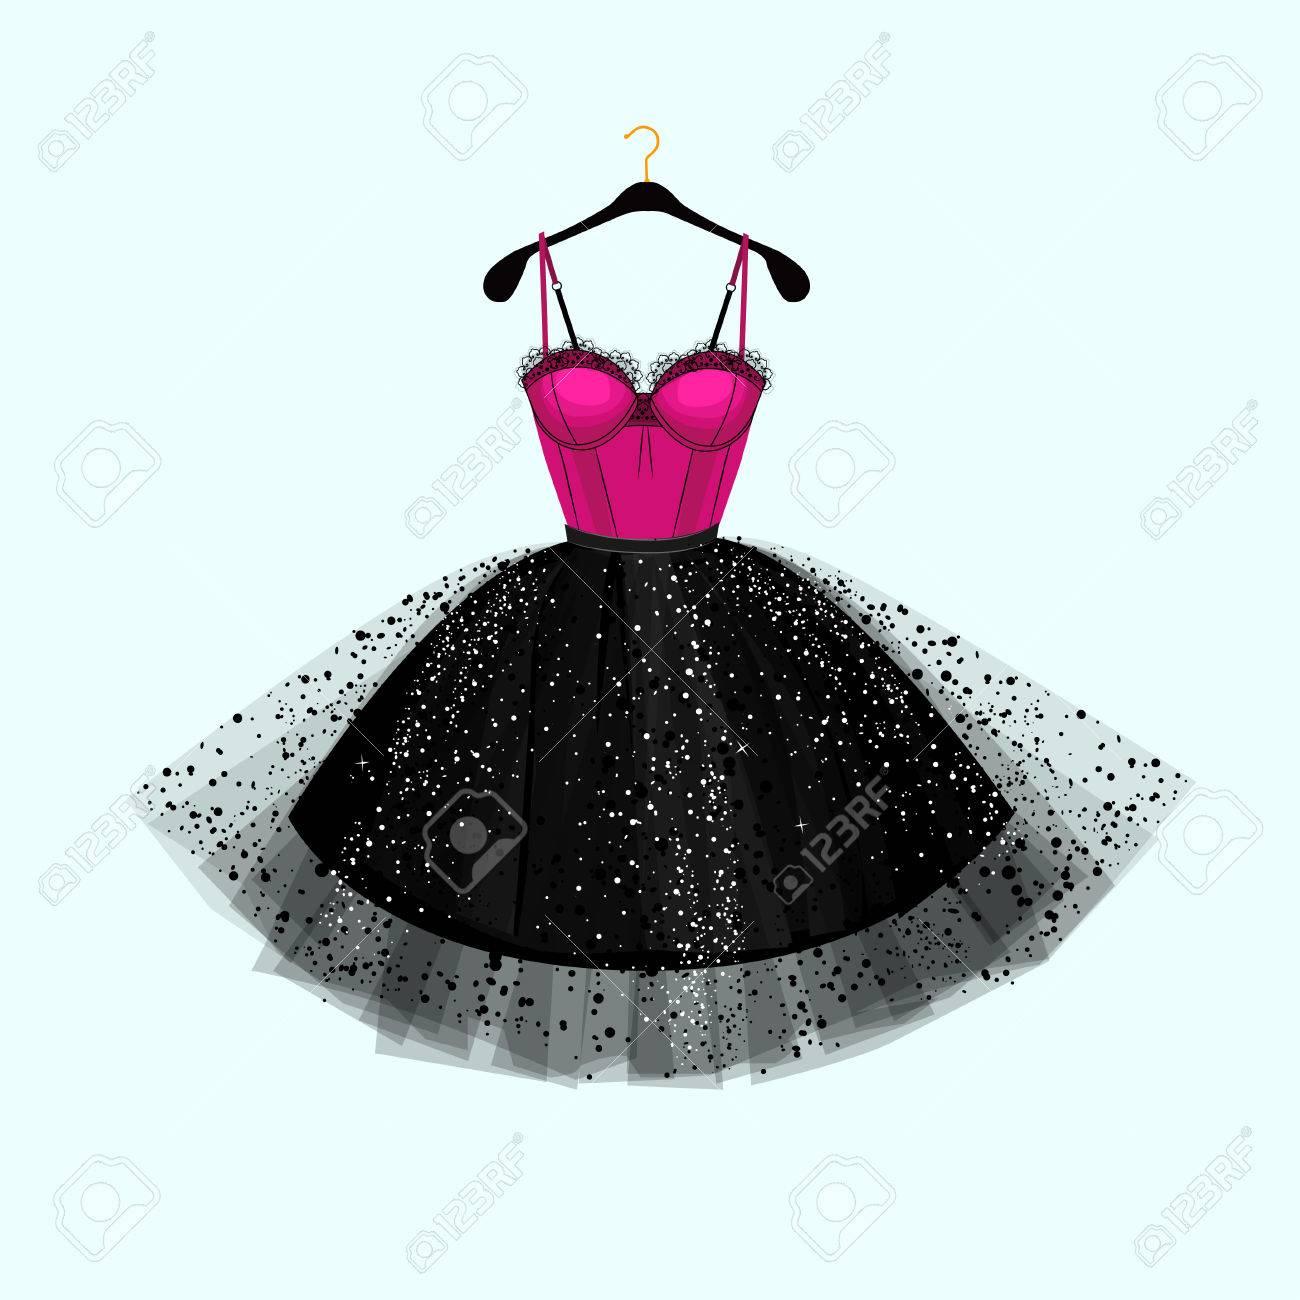 Vektor Mode Illustration Kleid Fur Besondere Anlasse Rosa Und Schwarzes Kleid Lizenzfrei Nutzbare Vektorgrafiken Clip Arts Illustrationen Image 83427547